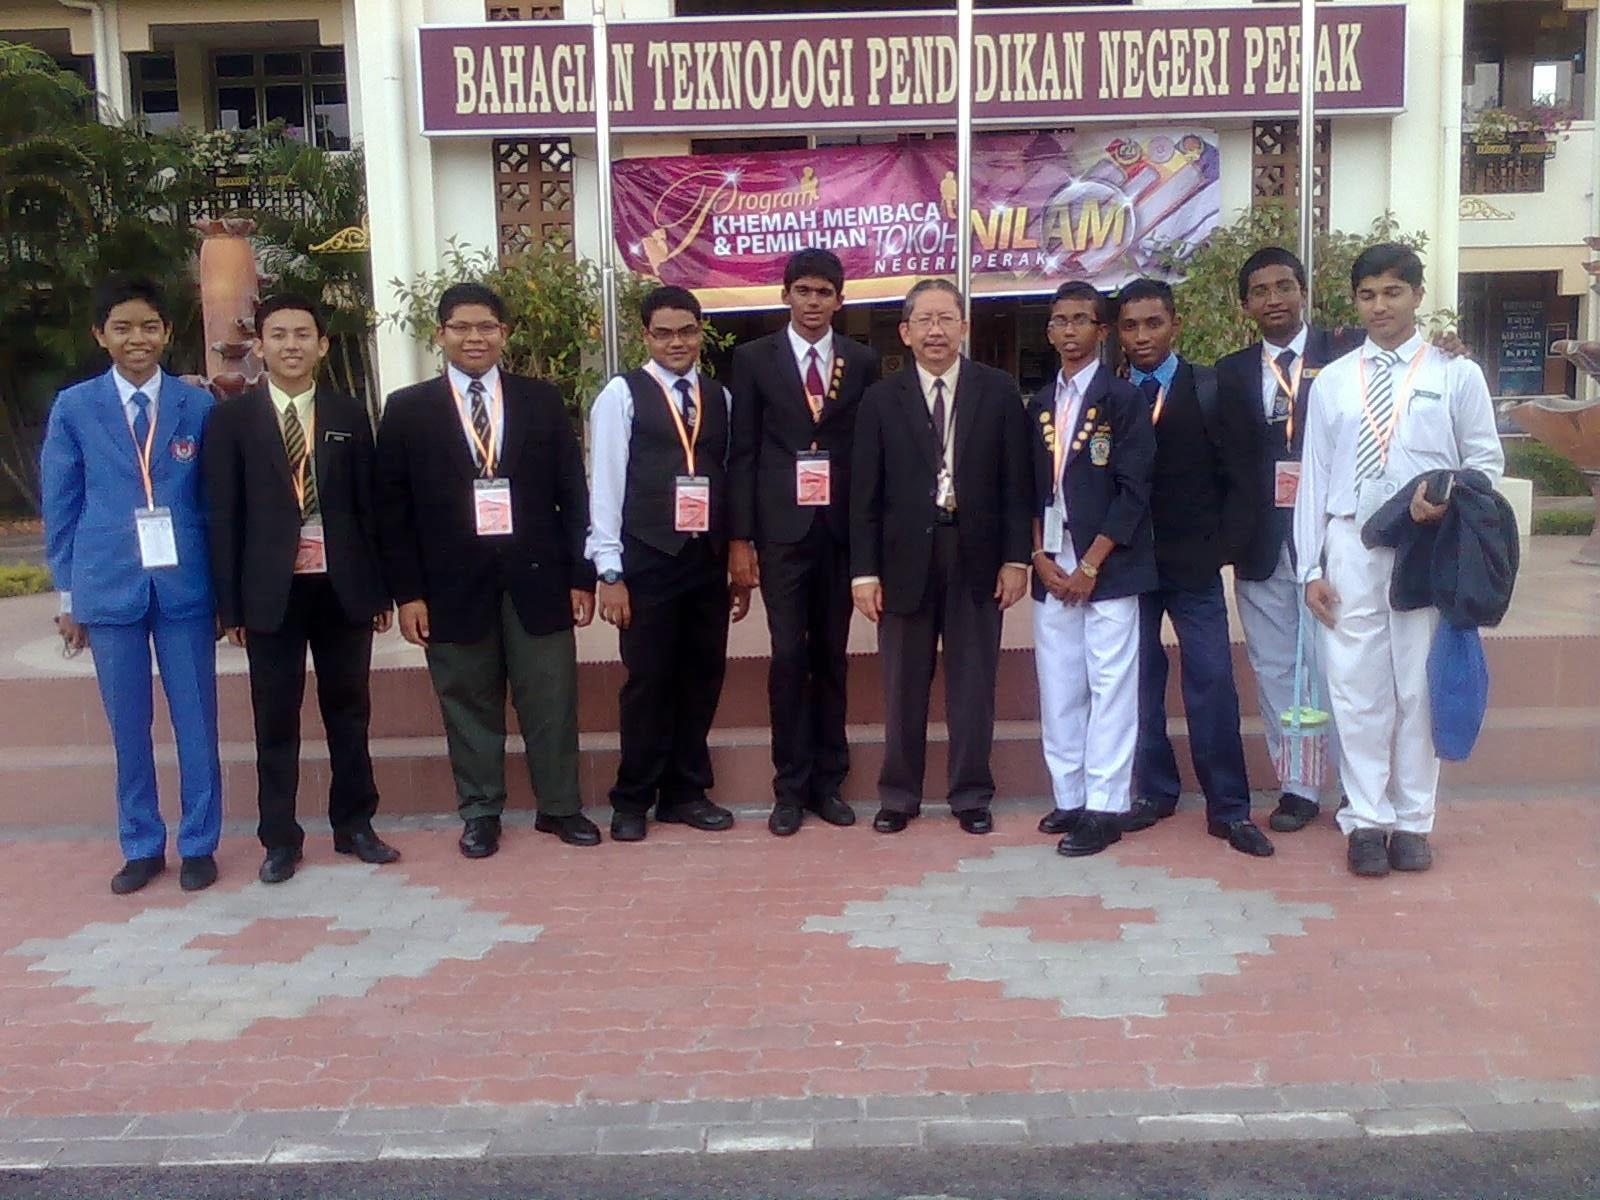 Khemah Membaca dan Pemilihan Tokoh Nilam Negeri Perak 2013